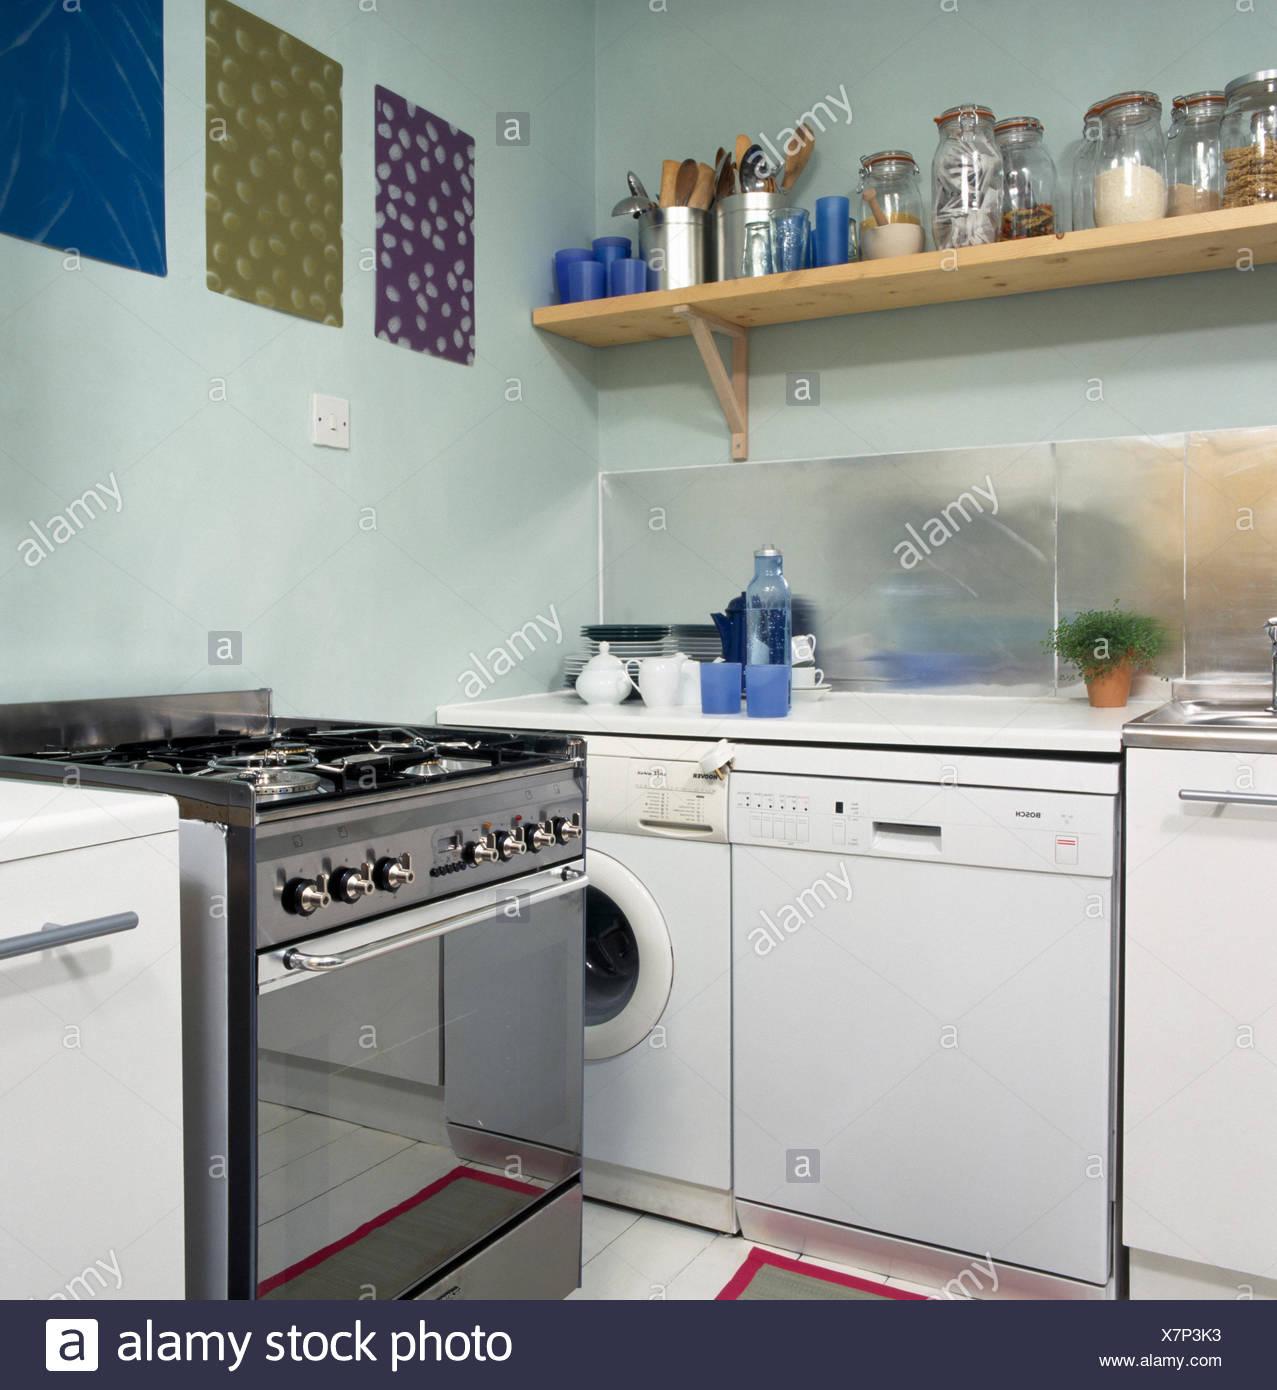 Außergewöhnlich Küche Mit Waschmaschine Ideen Von Edelstahl-herd Geschirrspüler Und In Der Küche Im